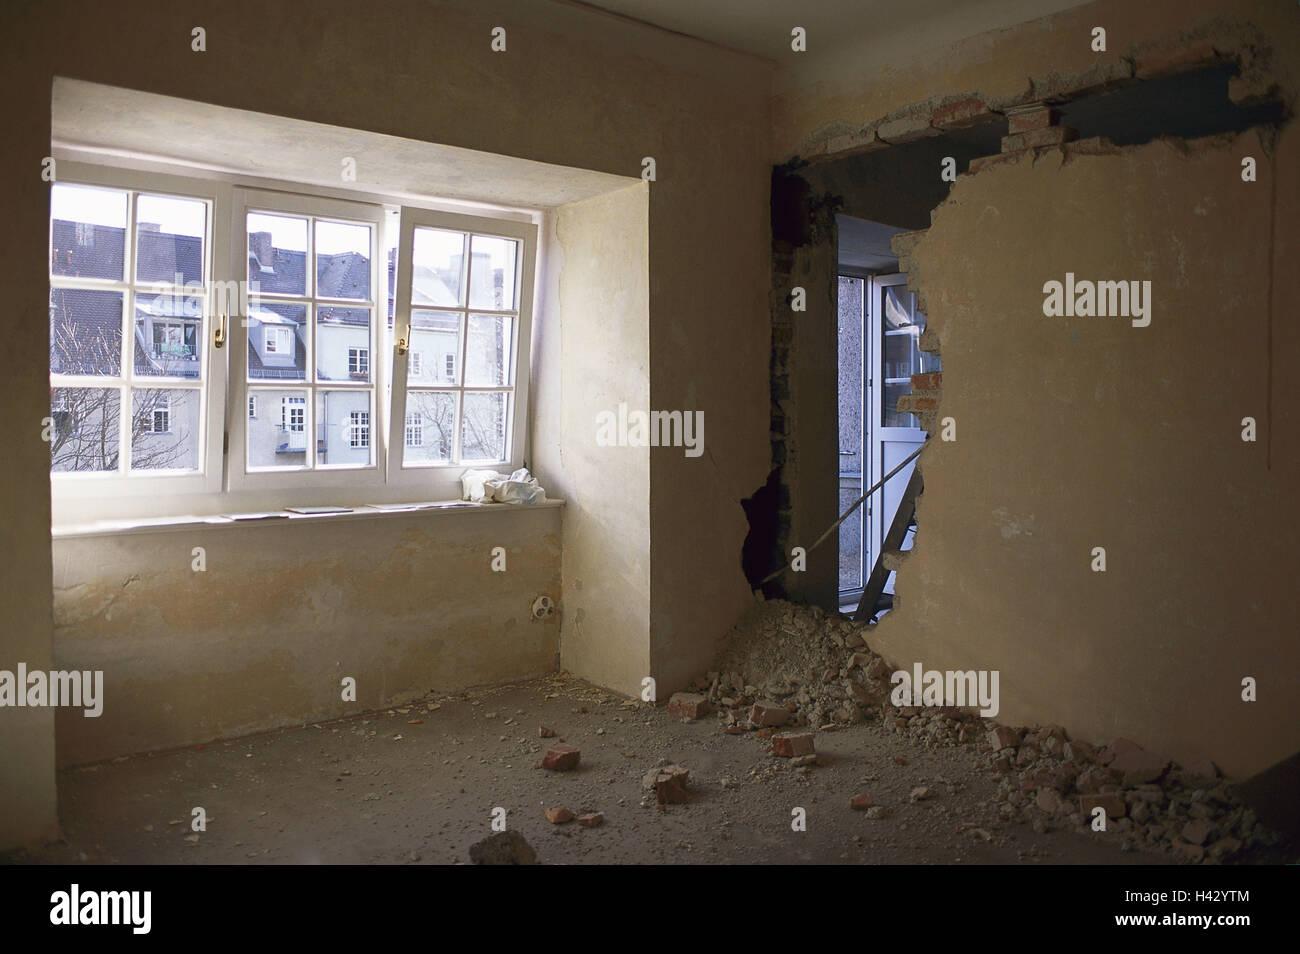 Wohnung In Ein Altes Gebäude, Defensive Wanddurchbruch, Wohnung, Alte, Alte  Gebäude, Wehrmauer, Durchbruch, Wiederaufbau, Flache Umbau, Planung,  Wünschen, ...